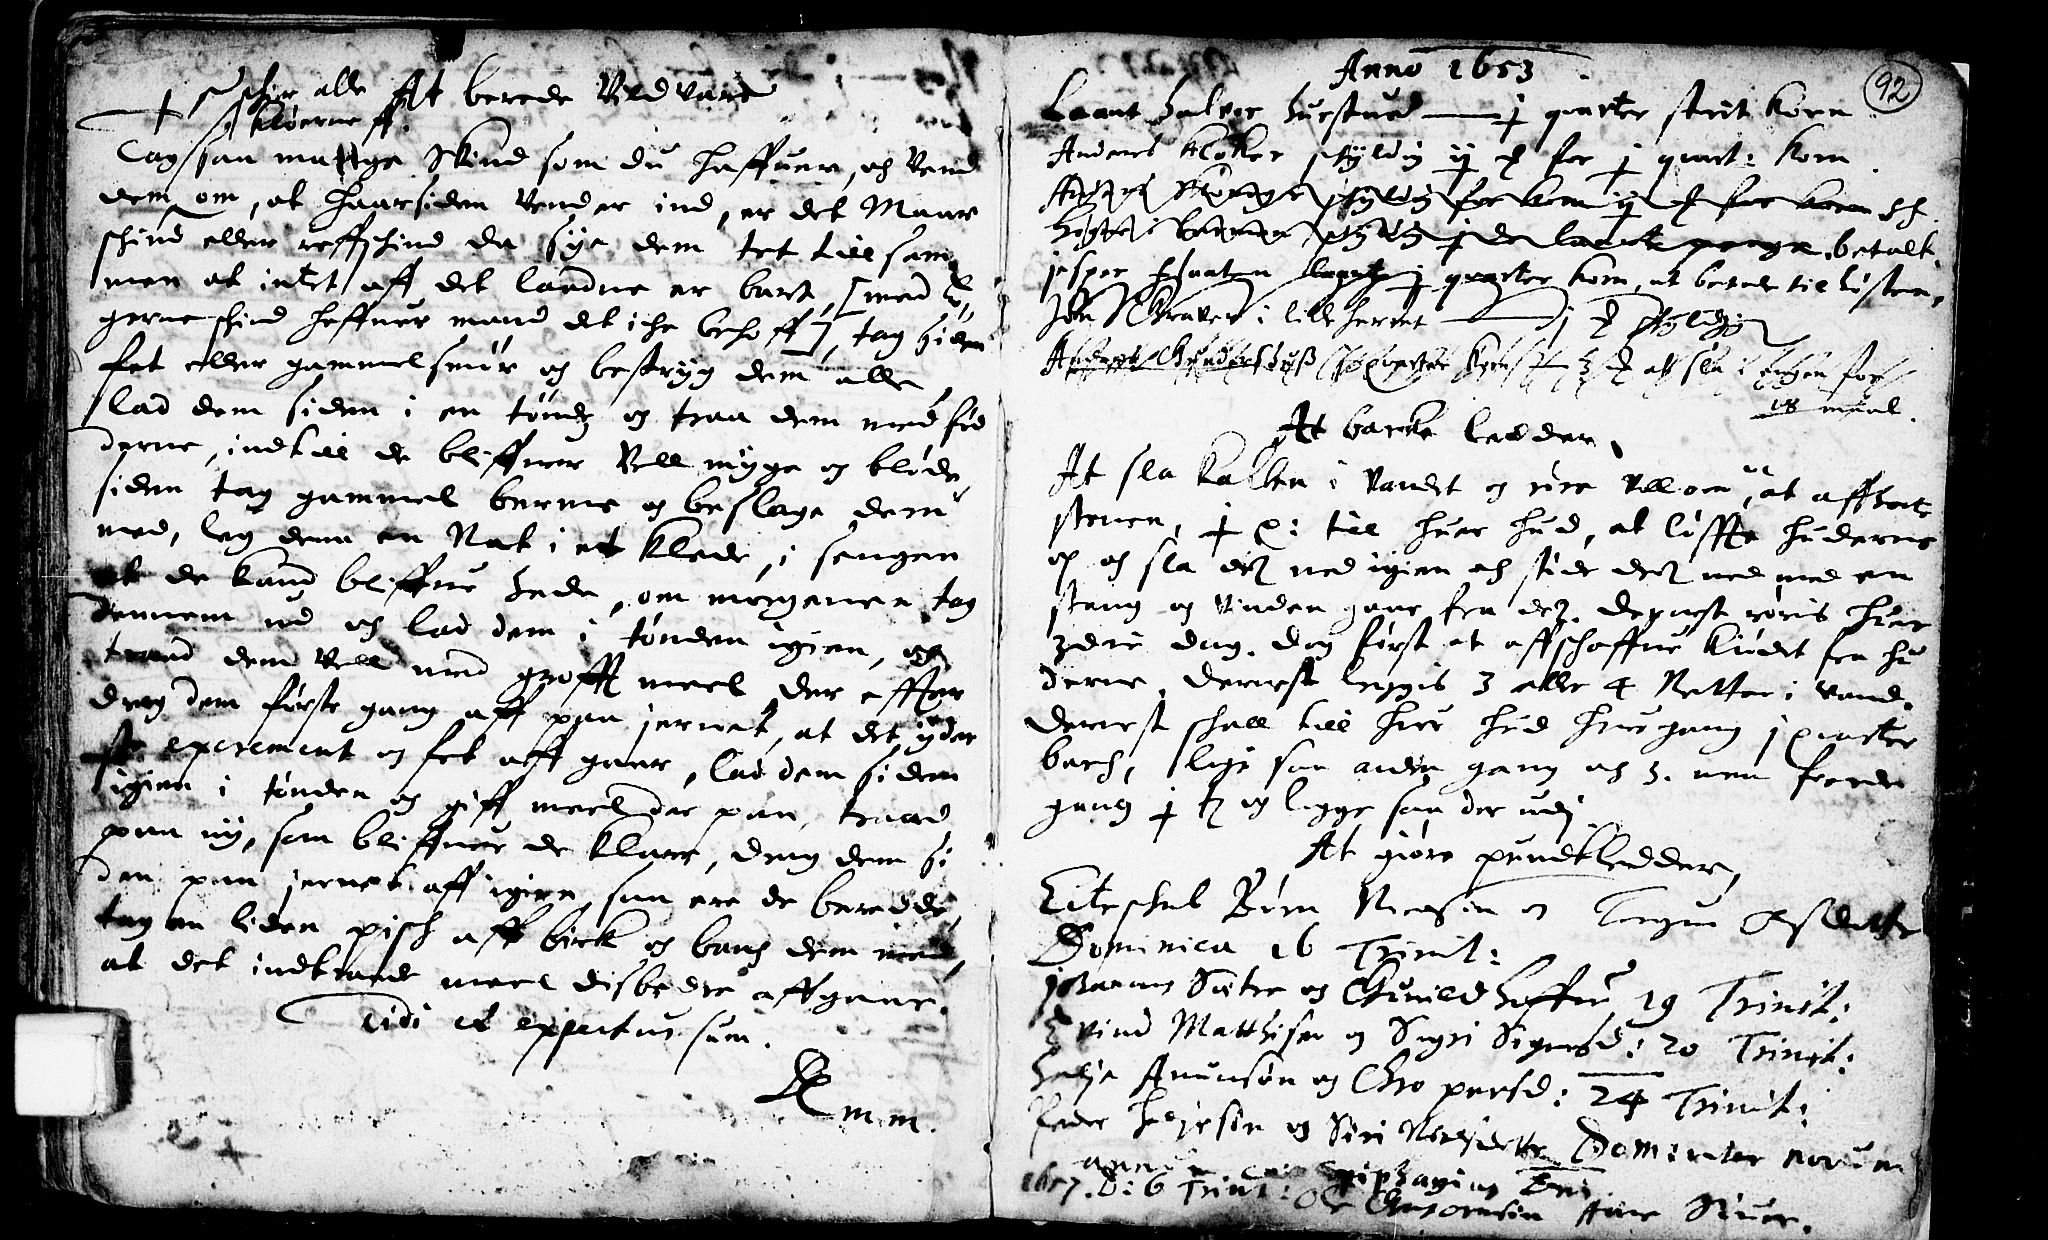 SAKO, Heddal kirkebøker, F/Fa/L0001: Ministerialbok nr. I 1, 1648-1699, s. 92